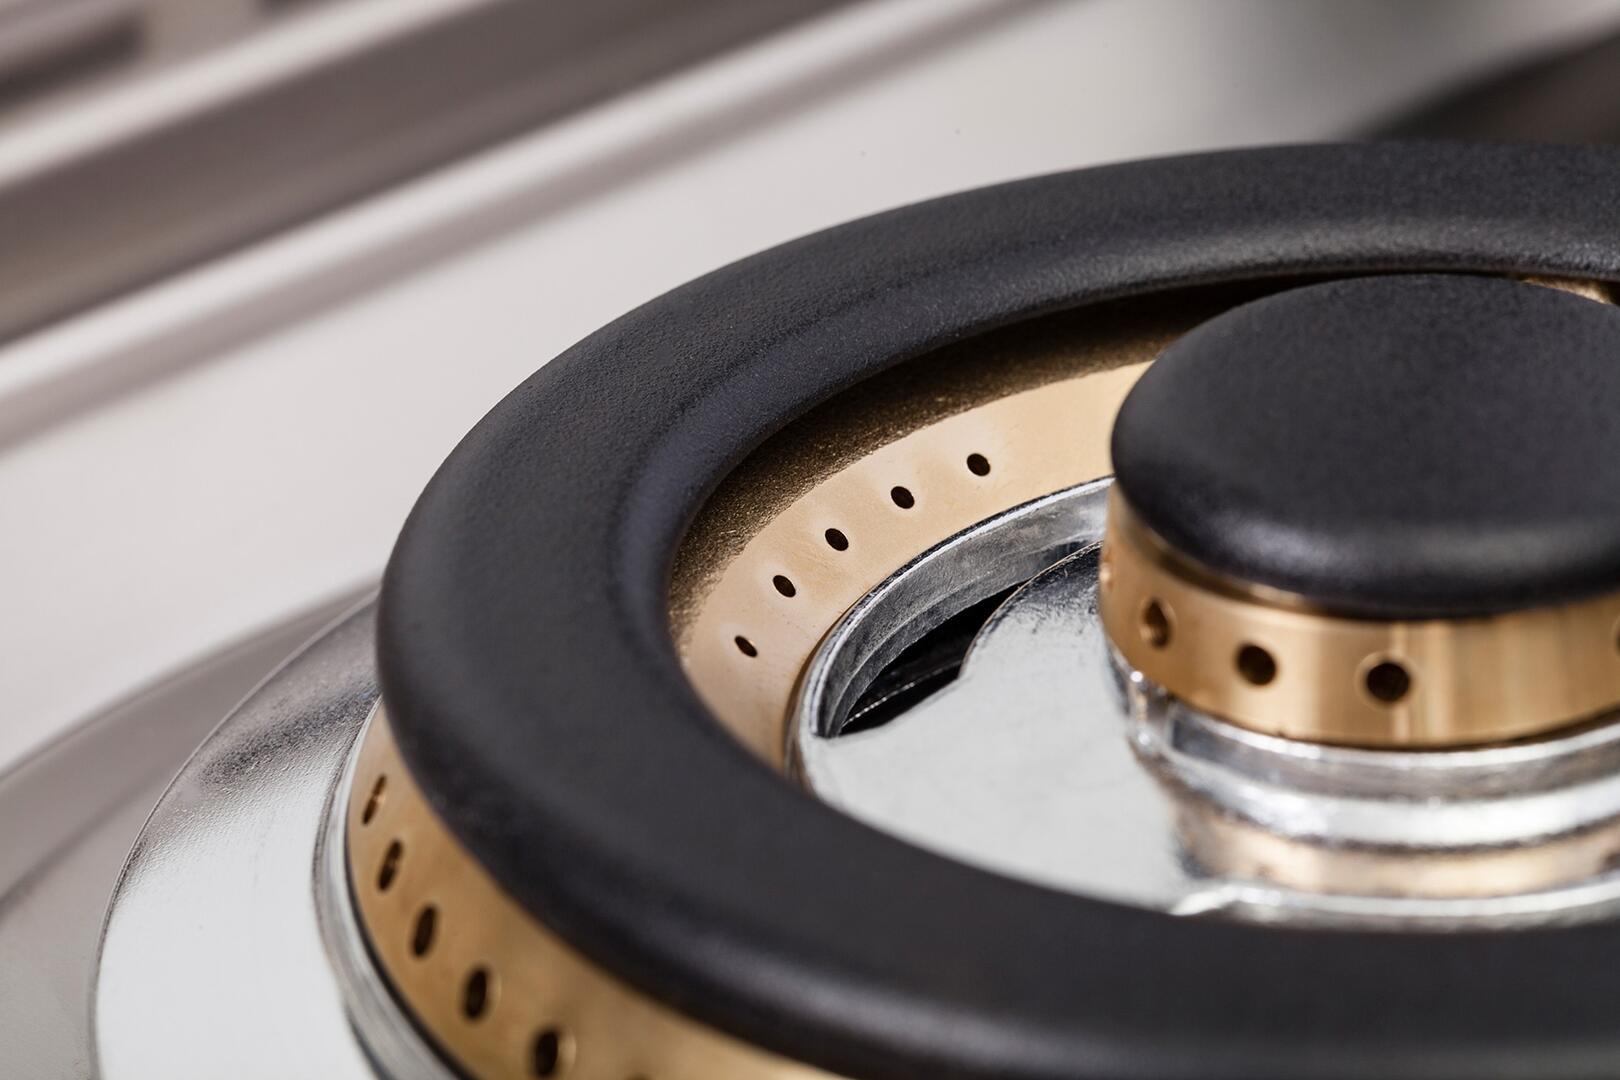 Ilve Nostalgie UPN90FDMPBL Freestanding Dual Fuel Range Blue, Brass Burners